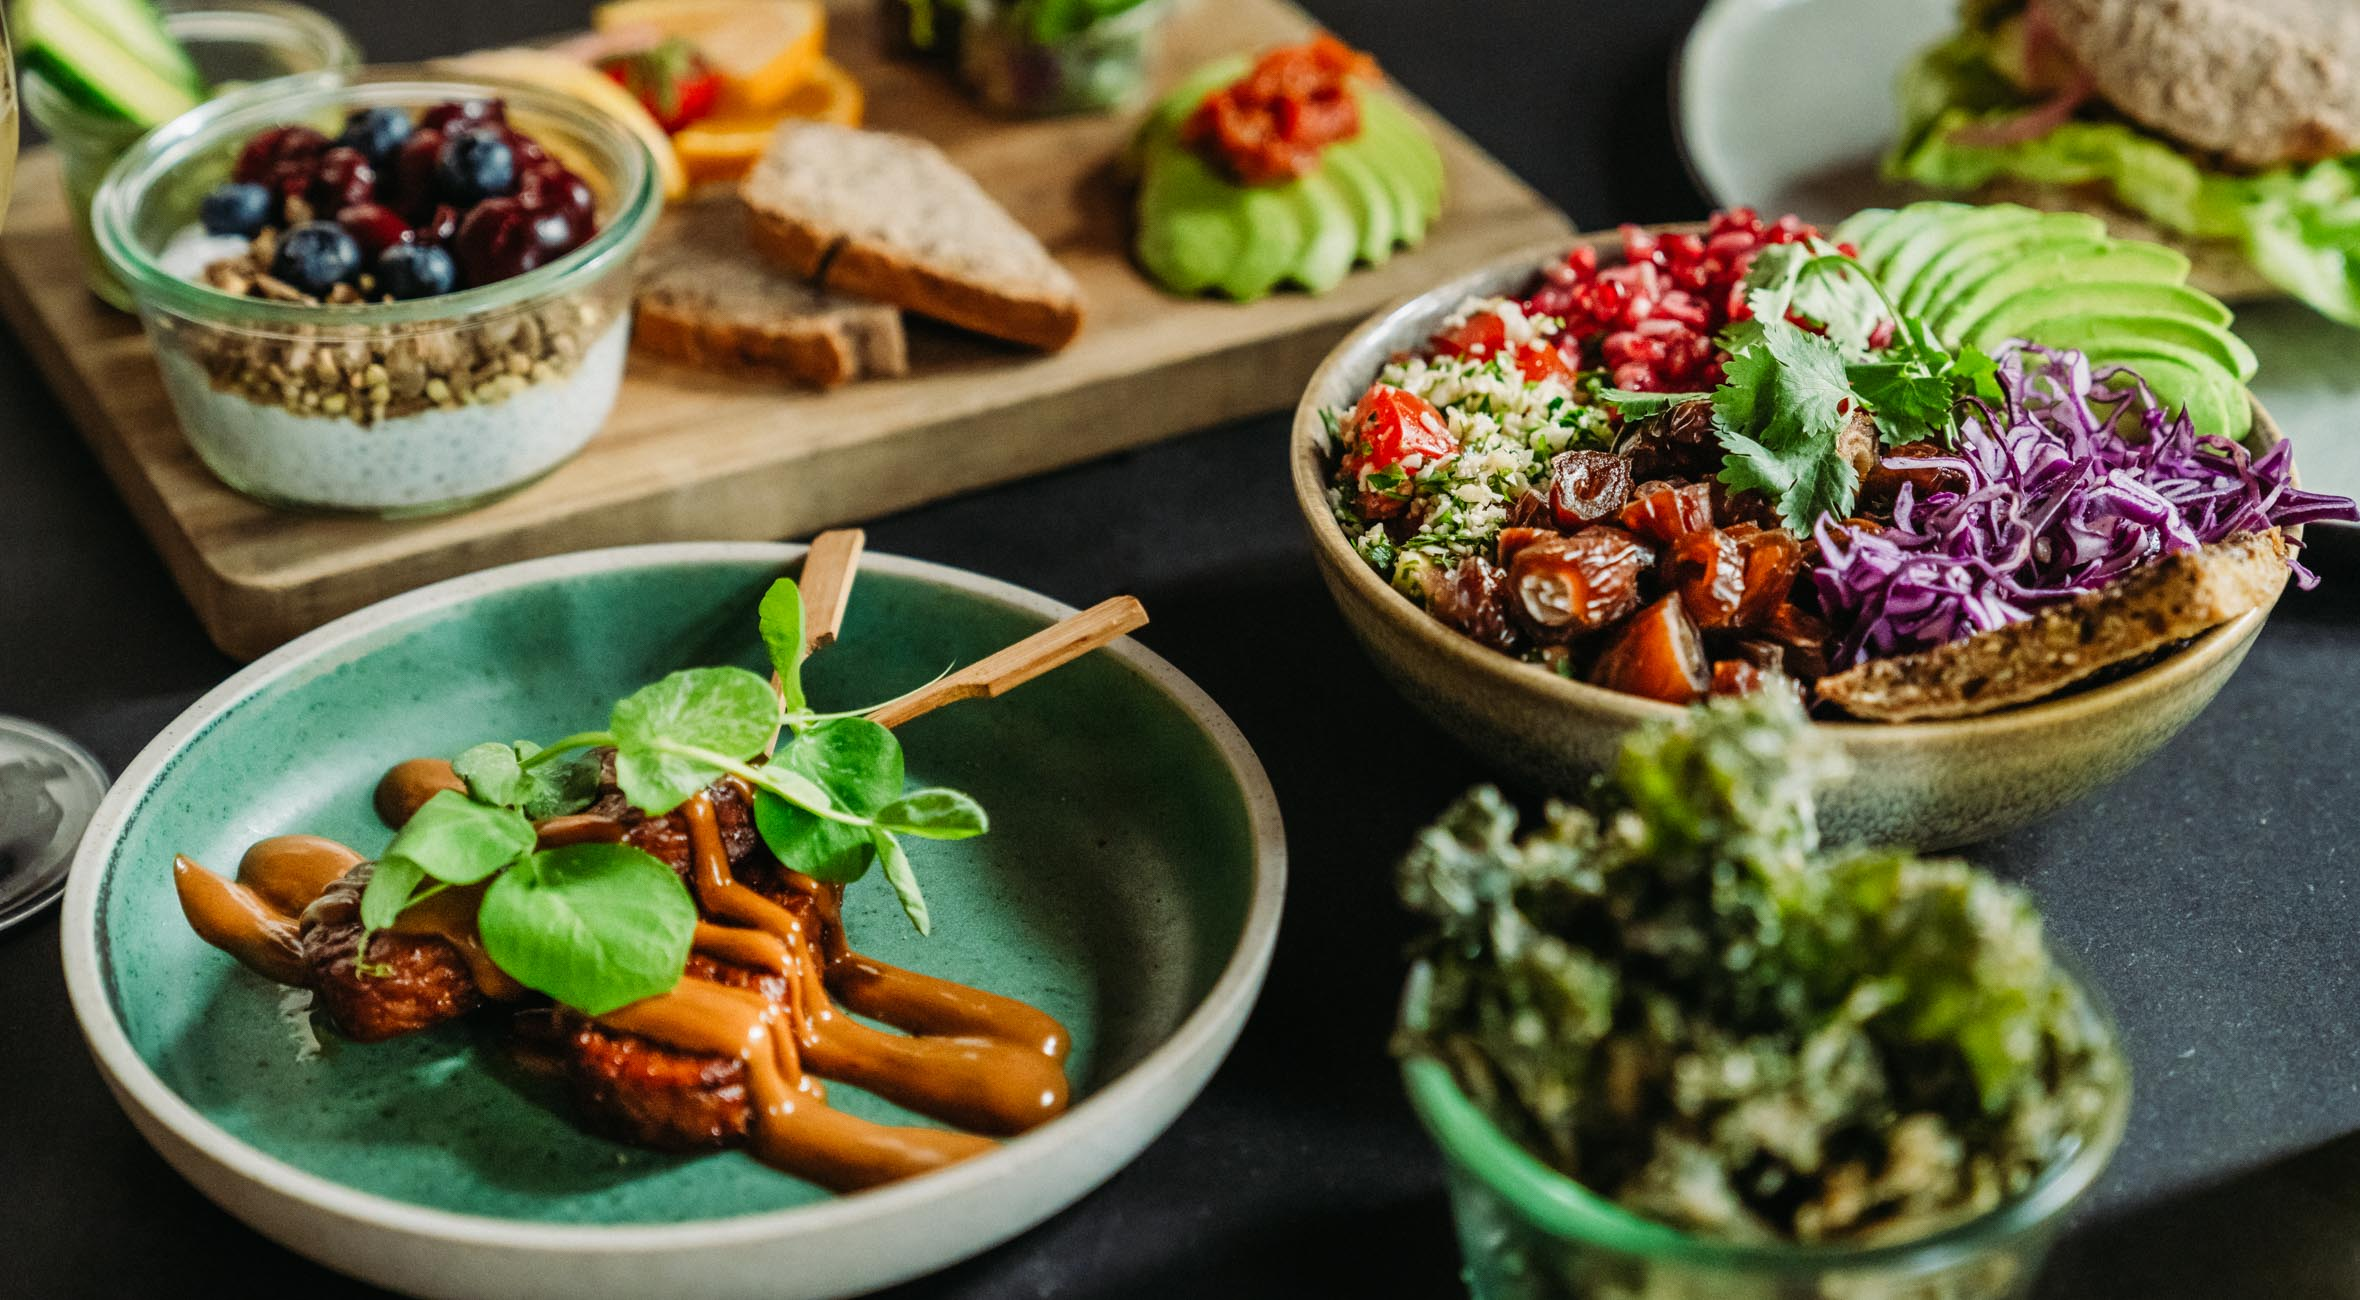 Frit valg til alt hos simpleRAW i Indre By – Få alt fra chiagrød til rispapirsruller, burgere, avocadosandwich, bowls og tempeh sticks med peanutsauce